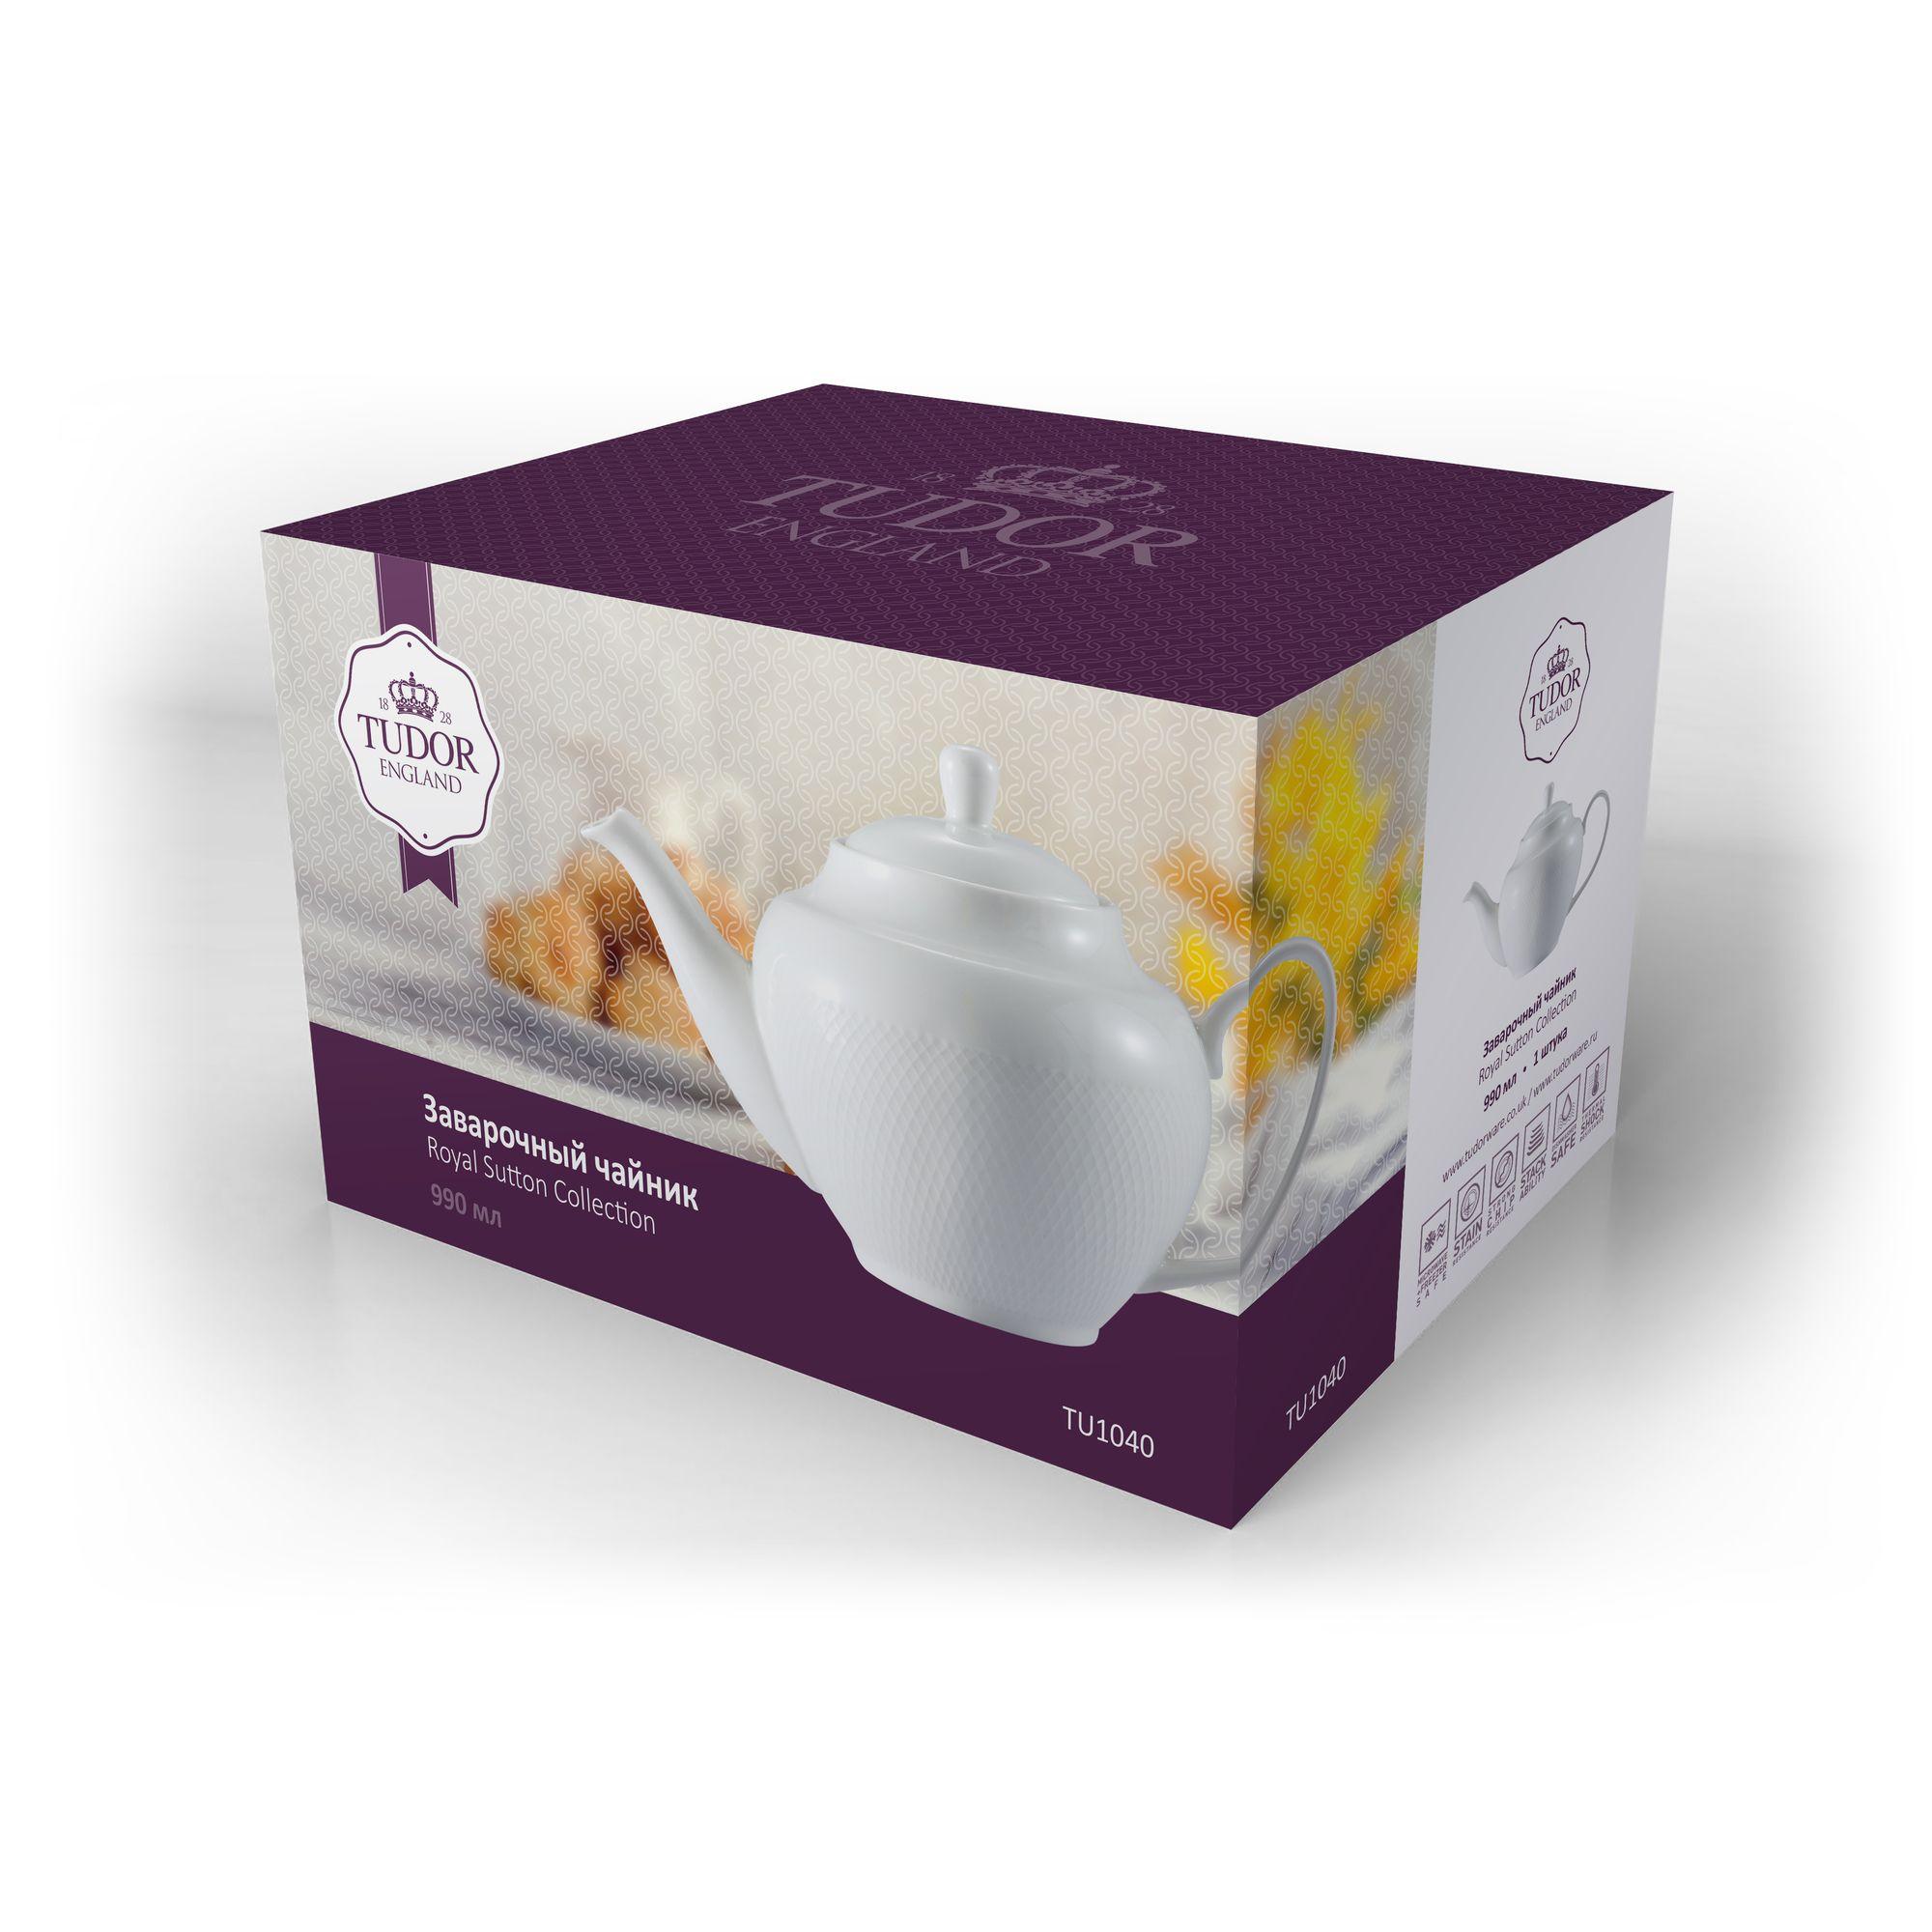 TUDOR ENGLAND Royal Sutton Заварочный чайник 990 мл (в фирменной коробке)Фарфор Tudor England – идеальное посудное решение для любой семьи или ресторана благодаря доступной цене, отличному внешнему виду и высокому качеству, прочности и долговечности, привлекательному дизайну и большому ассортименту на выбор. Важным преимуществом является возможность использования в микроволновой печи, духовке (до 280 градусов) и мытья в посудомоечной машине. Линейка Tudor Ware производилась с 1828 года, поэтому фарфор Tudor England является наследником традиций, навыков и технологий ушедших поколений, что отражается в каждой из наших фарфоровых коллекций.<br>